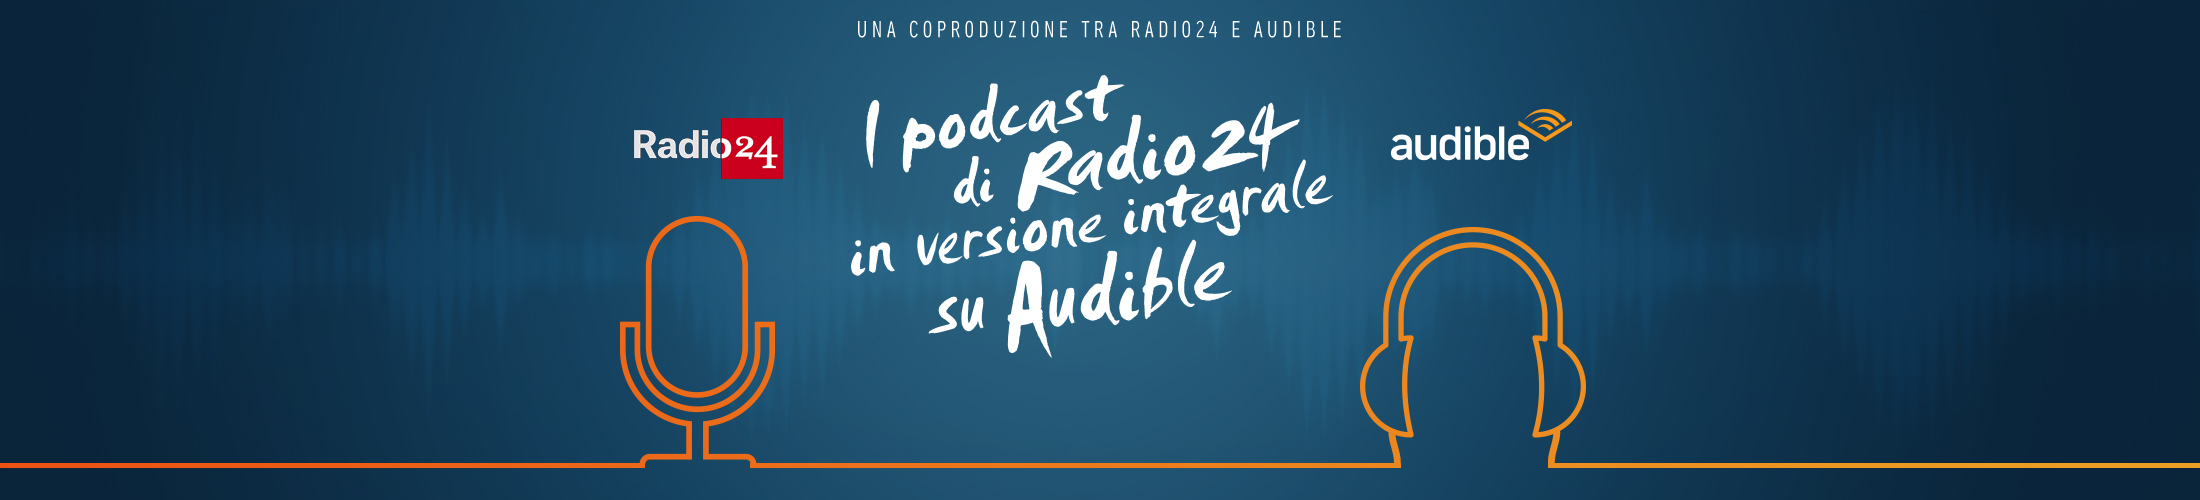 Audiolibri Audible